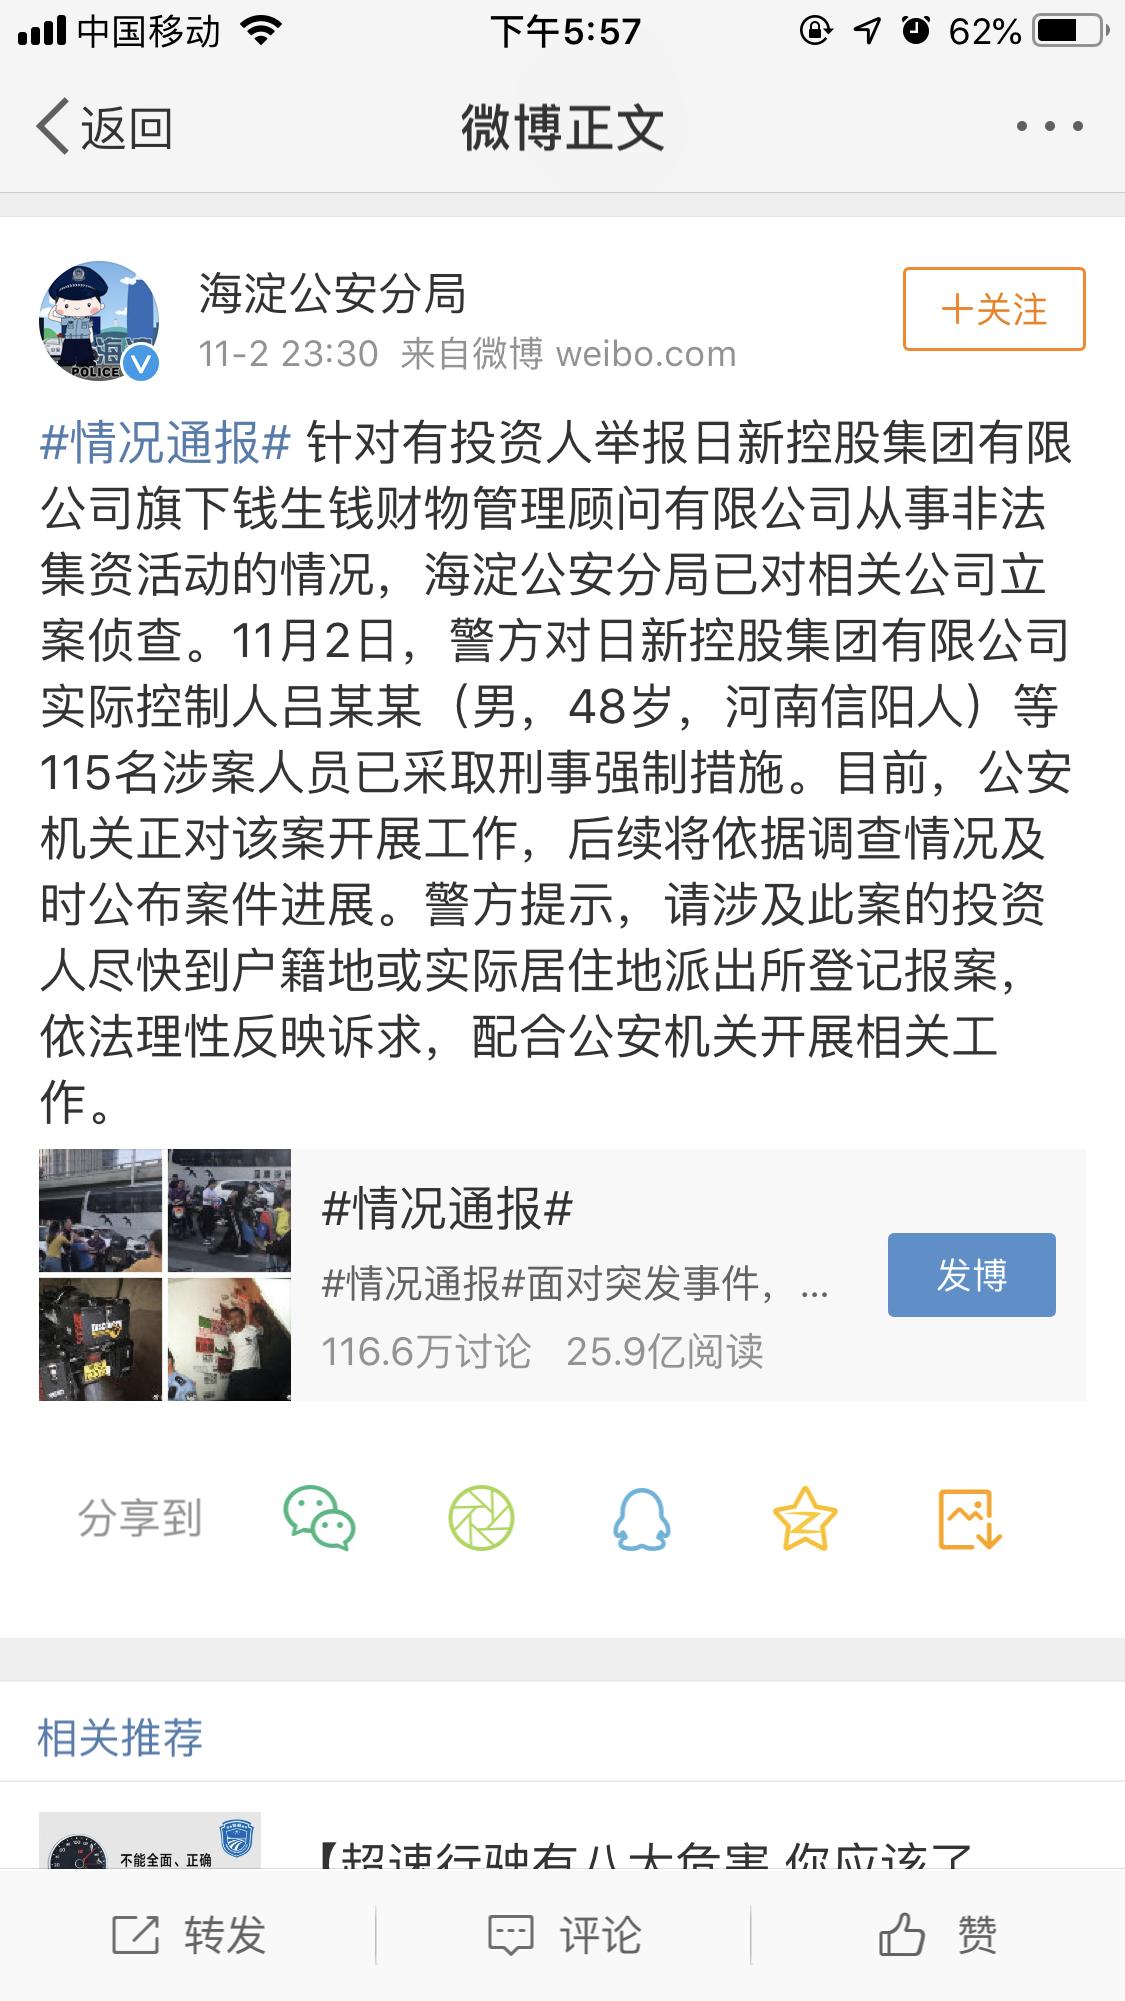 钱生钱被立案 实控人吕俊成等115人被采取刑事强制措施1